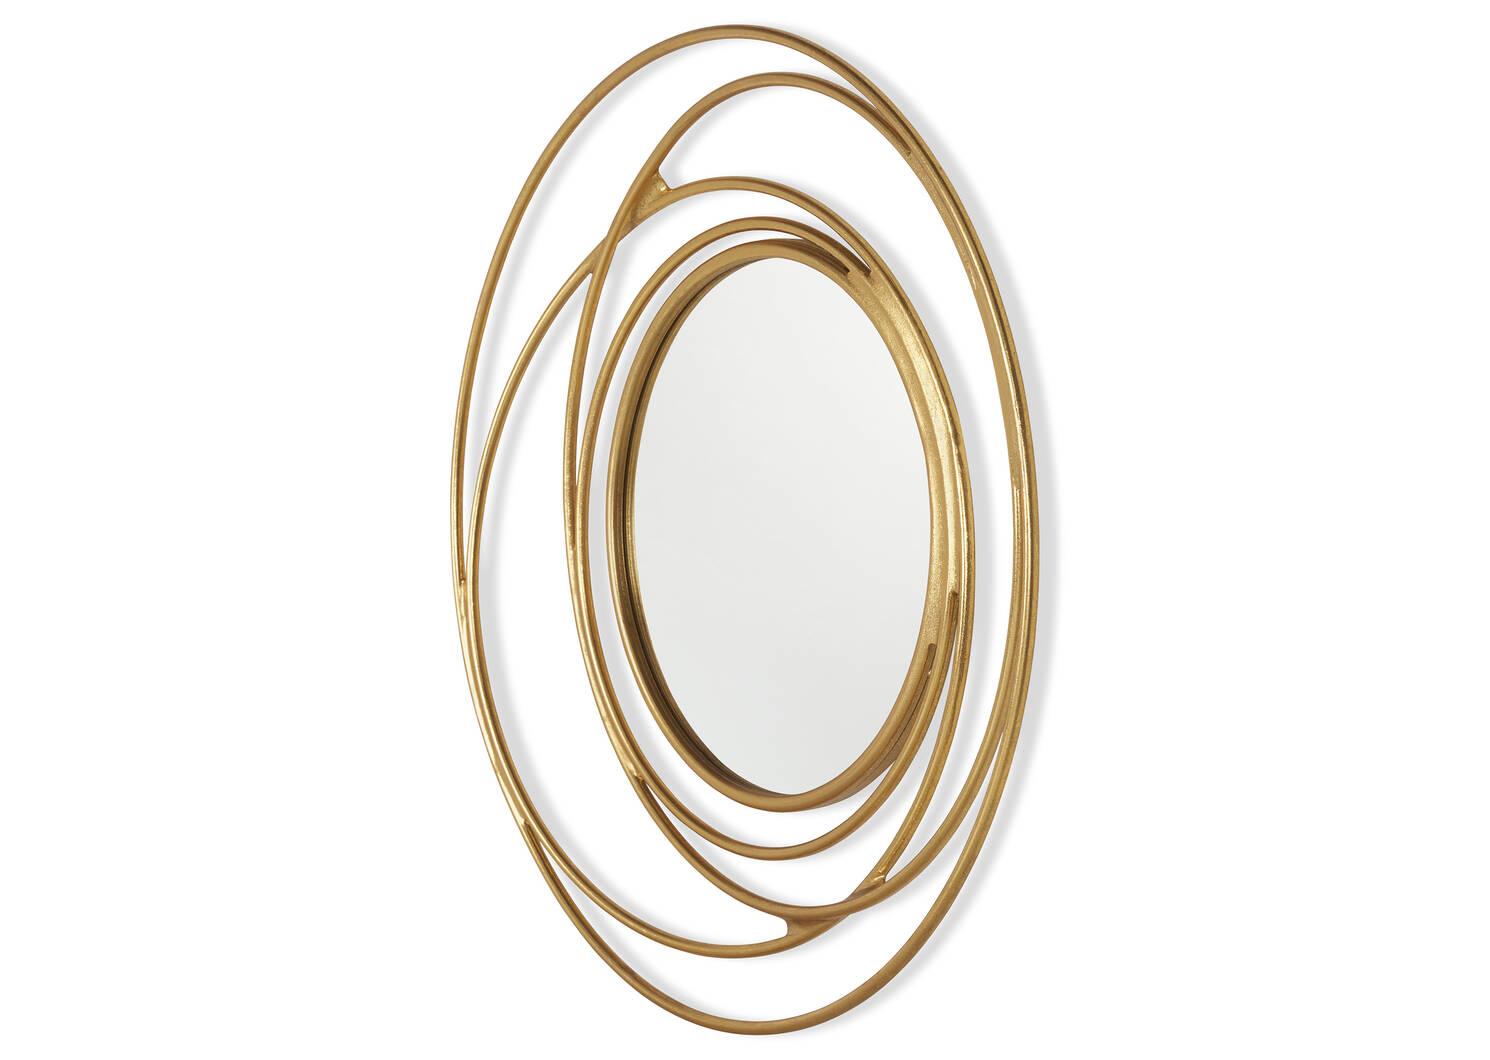 Myra Wall Mirror